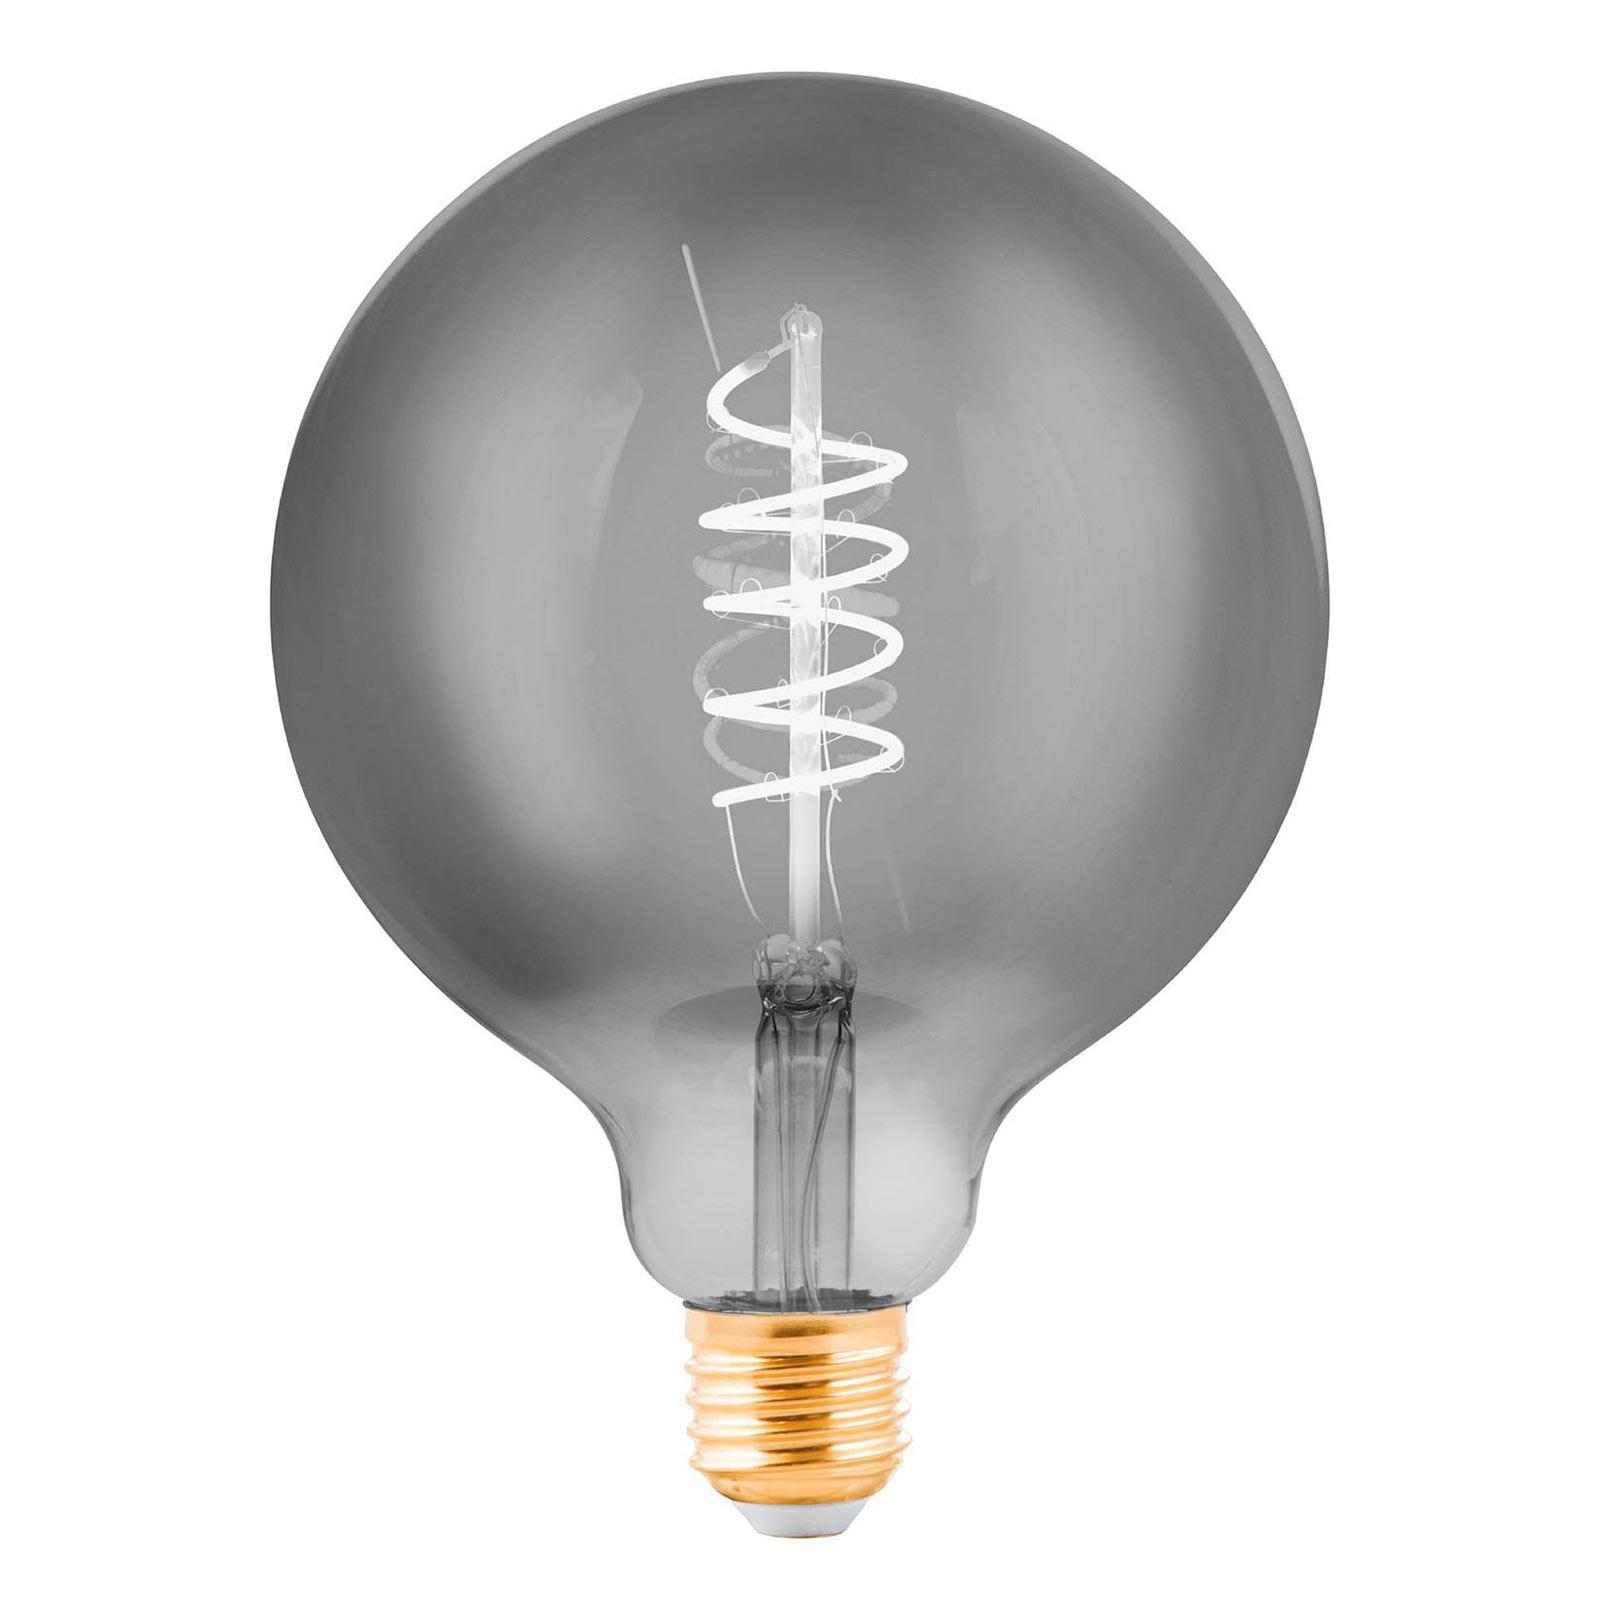 LED-Globelampe E27 4W schwarz-transparent Ø 12,5cm